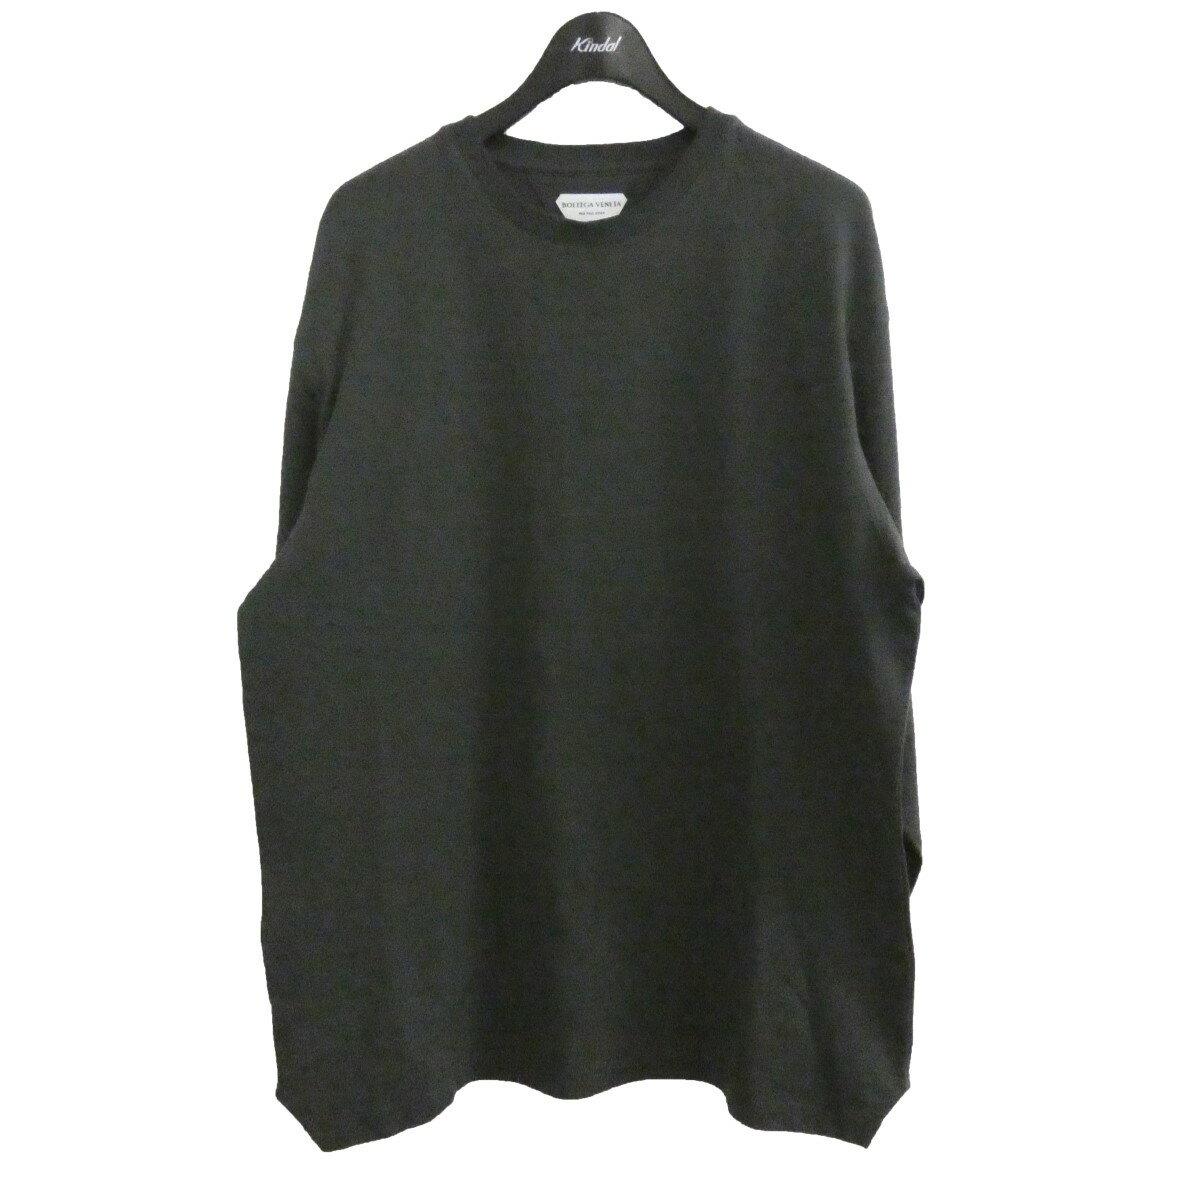 トップス, Tシャツ・カットソー BOTTEGA VENETA T M 210421